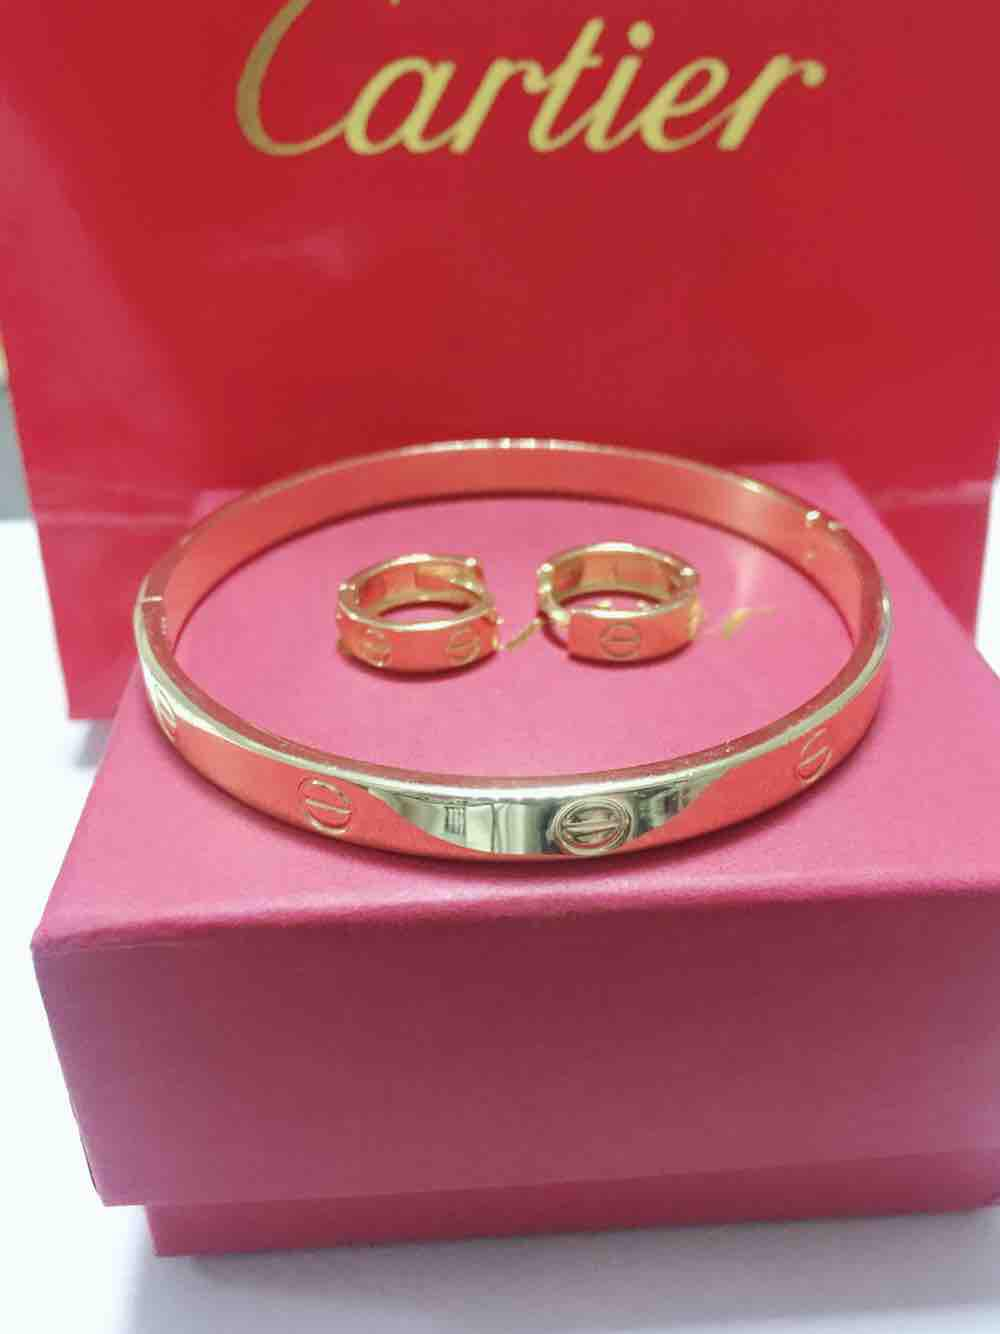 bc551a24f4c Women Fashion Bangle Bracelet - Buy Women Fashion Bangle Bracelet at ...